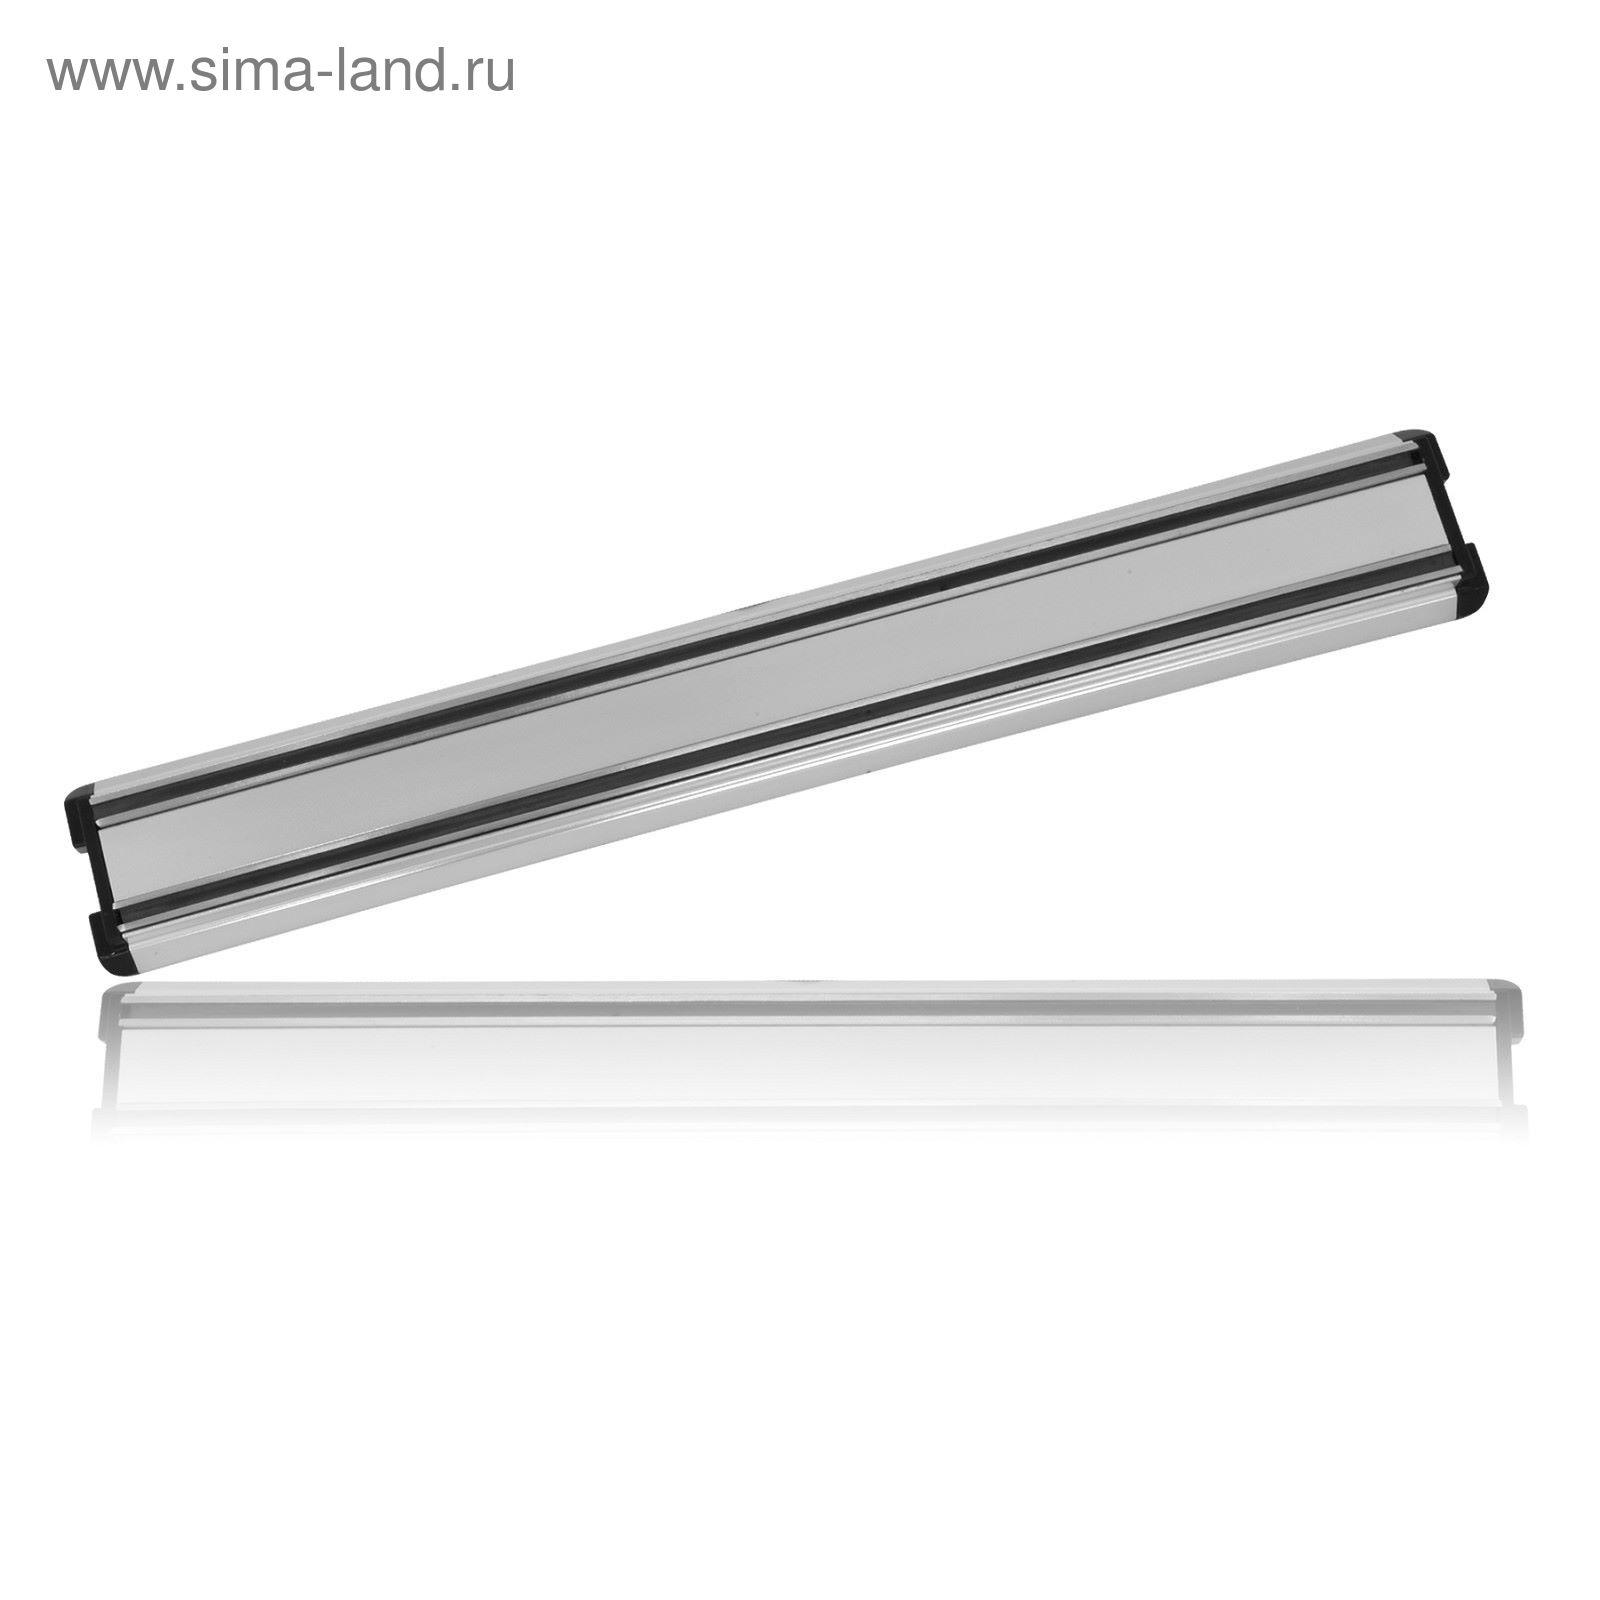 d55cf827c520 Магнитный держатель Hatamoto (алюминий) 300 мм (1867719) - Купить по ...